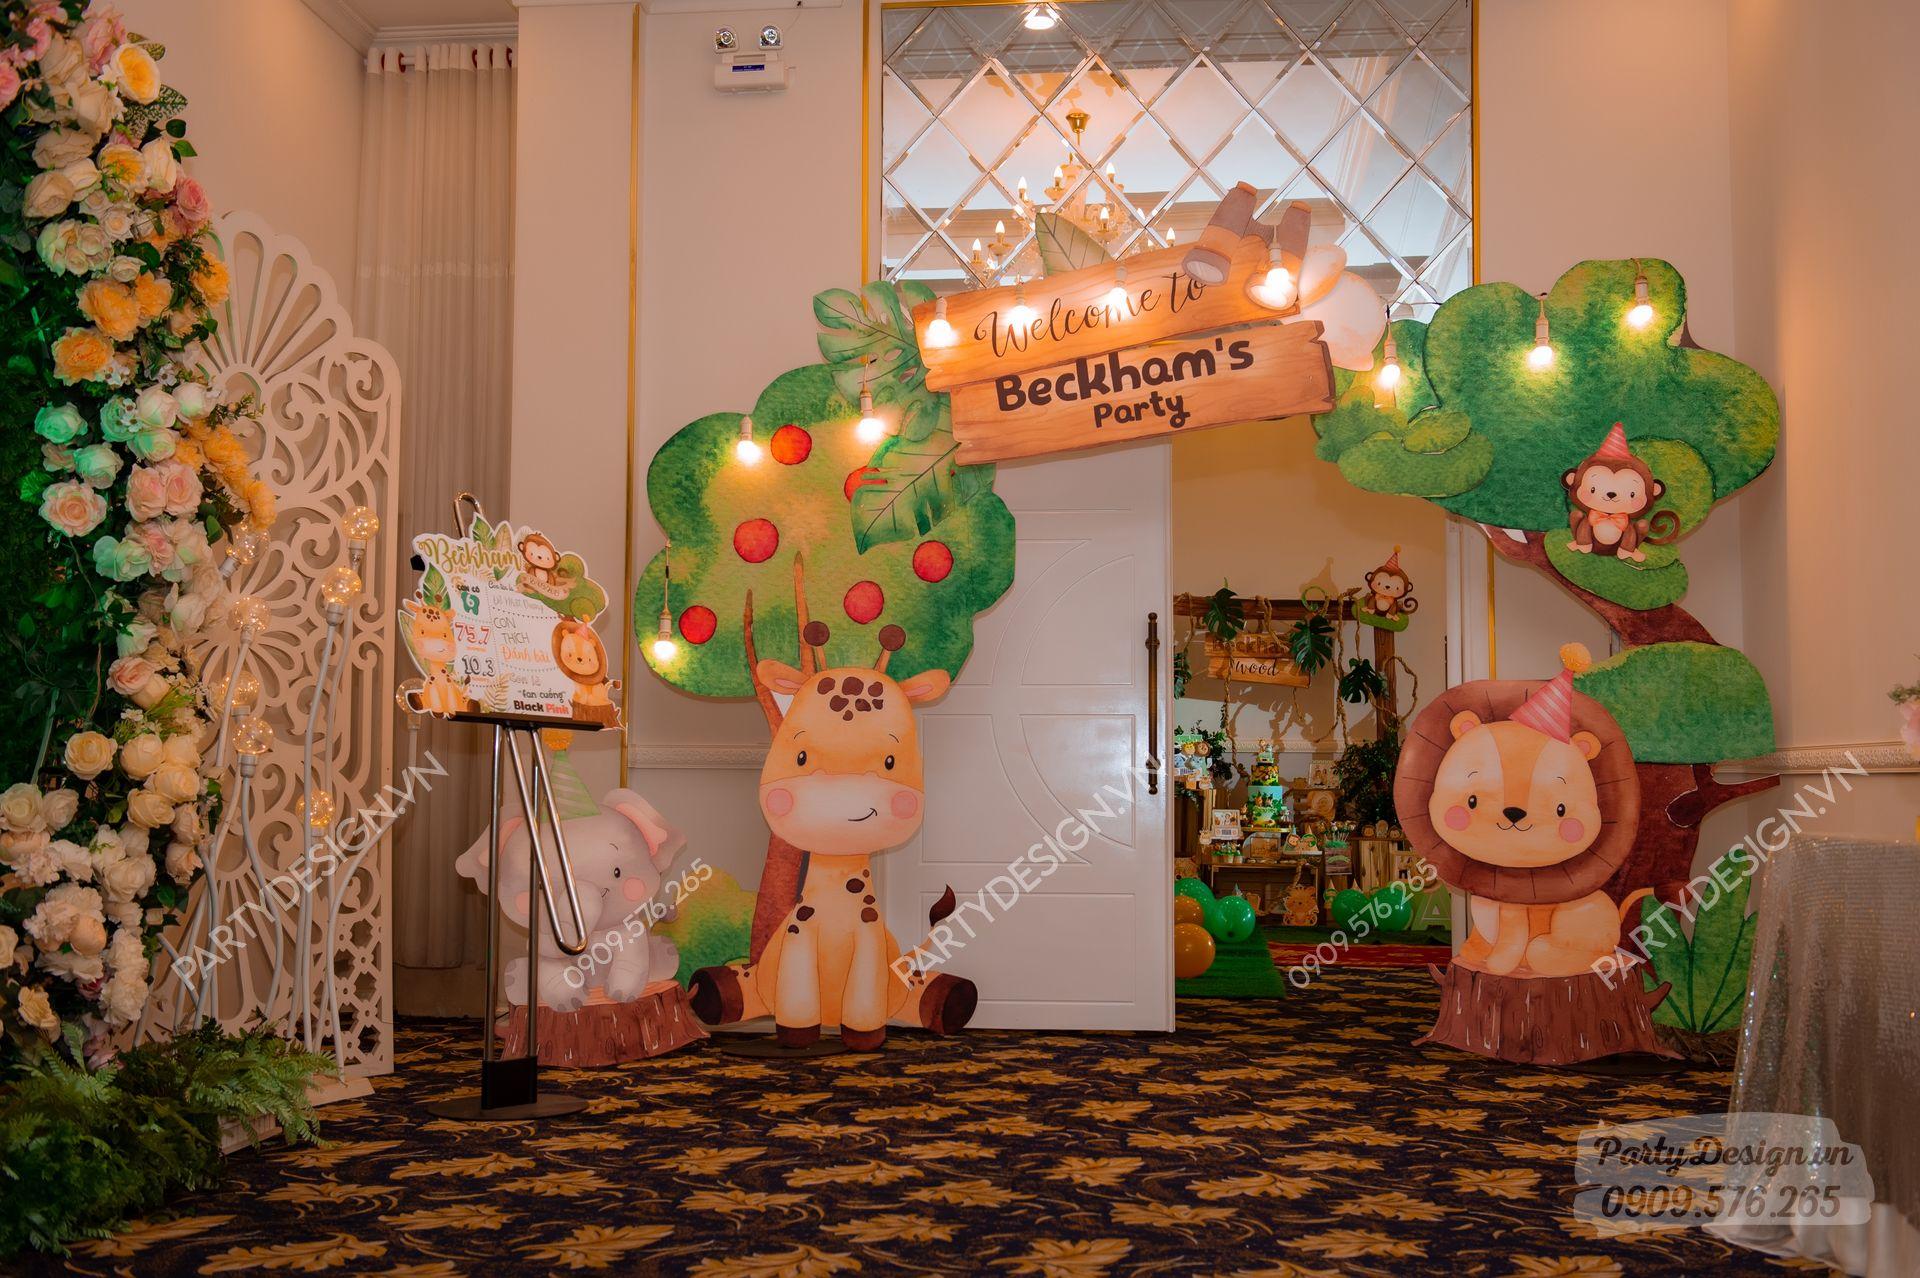 Cổng trang trí sinh nhật Safari Rừng Xanh - bé Beckham